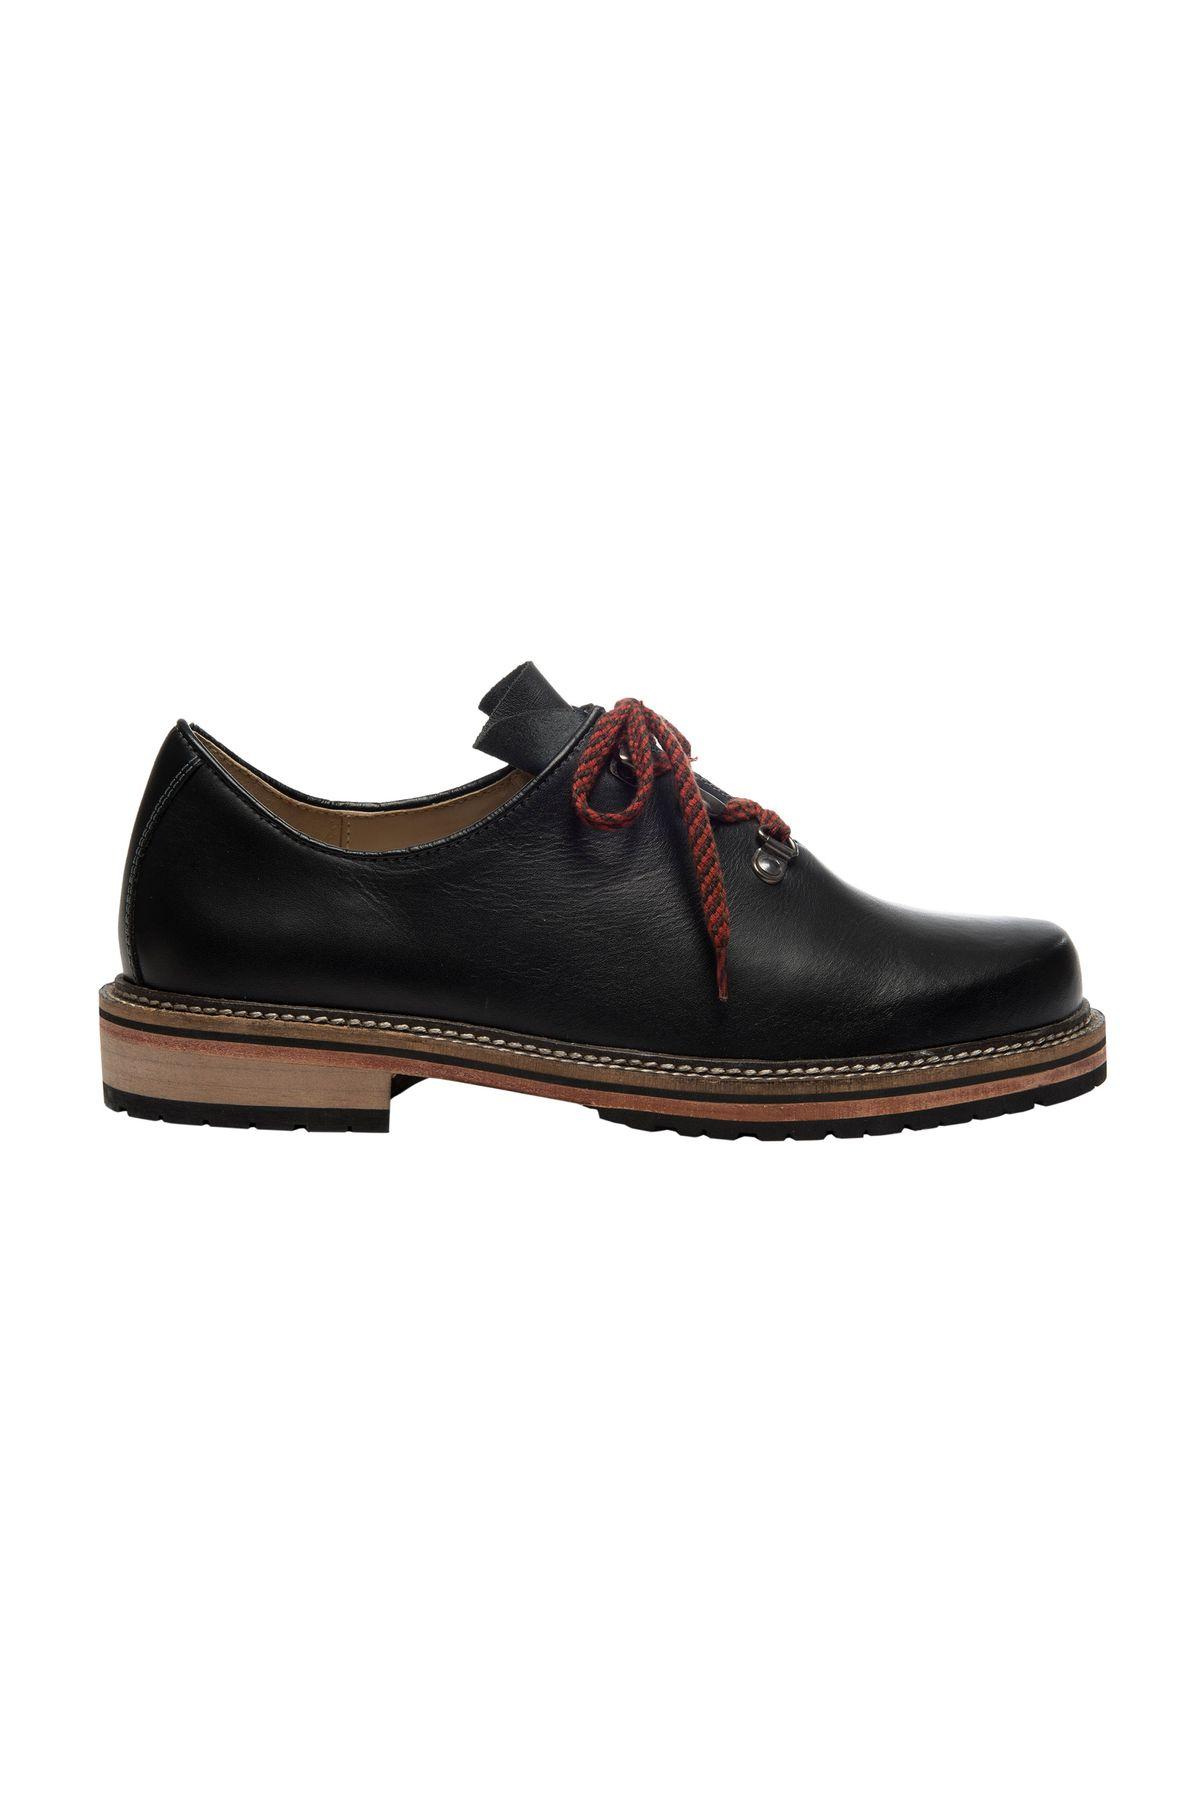 STOCKERPOINT - Herren Trachten Schuhe in Schwarz und Braun, 6082 – Bild 8